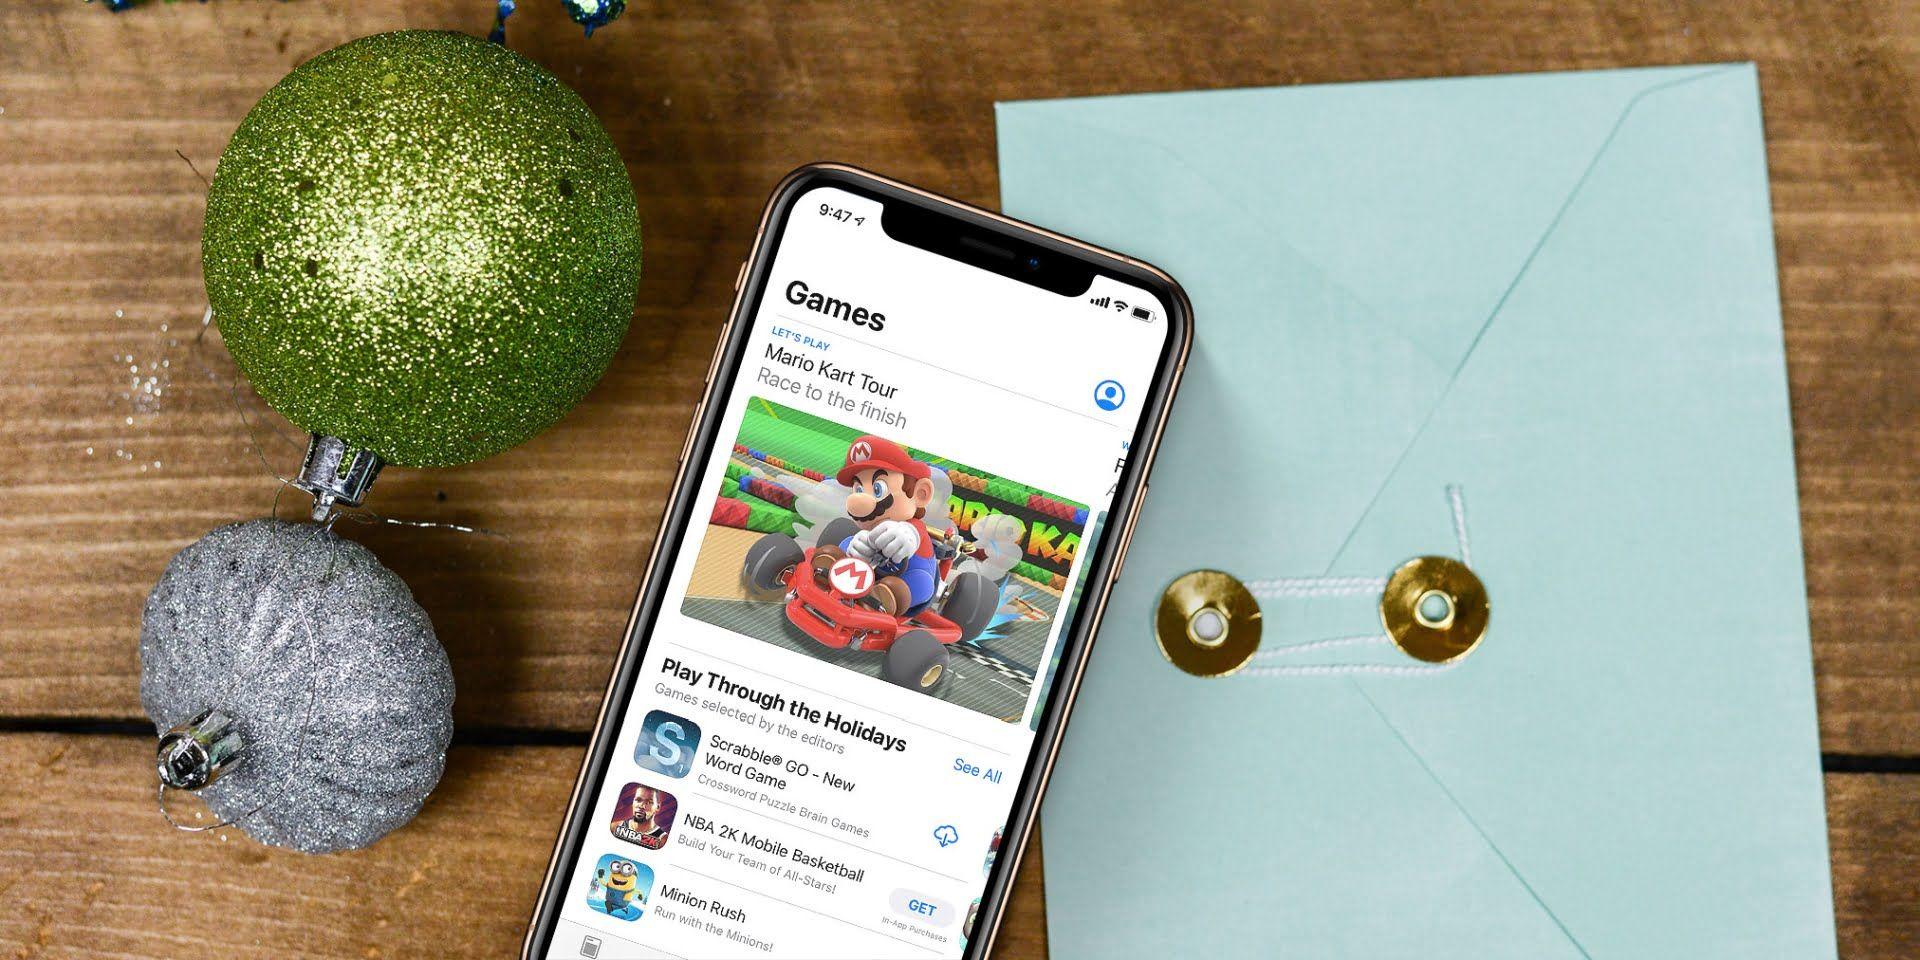 Wydatki w okresie świątecznym w sklepach App Store i Google Play